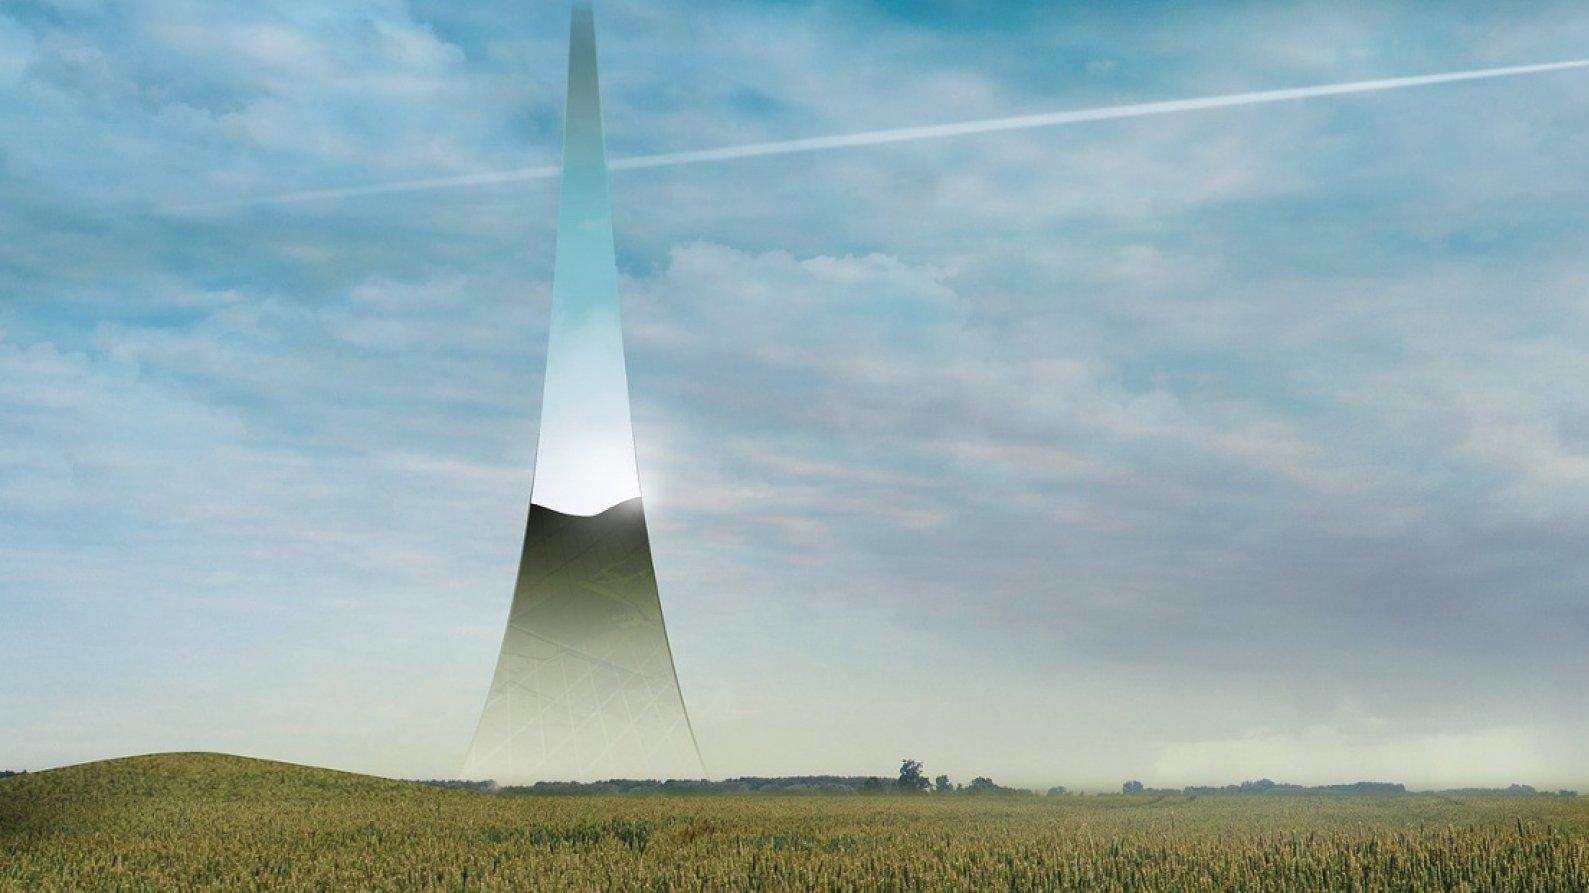 Die Grafik eine Landschaft, aus der einer unten breiter und nach oben schmaler werdender Streifen in den Himmel führt.